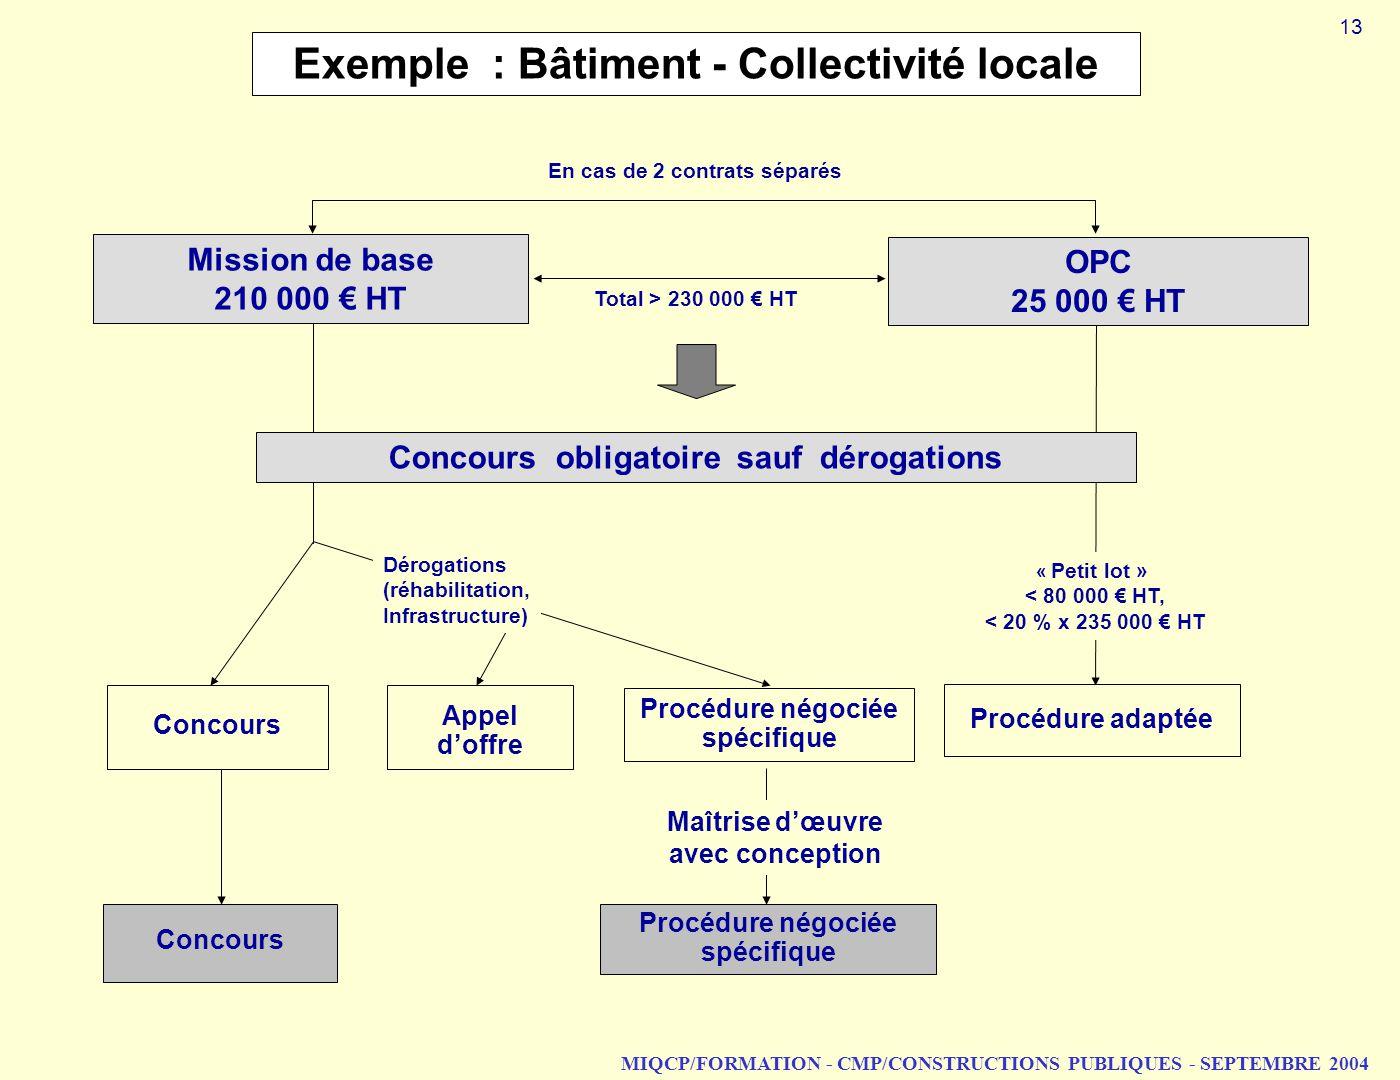 MIQCP/FORMATION - CMP/CONSTRUCTIONS PUBLIQUES - SEPTEMBRE 2004 Exemple : Bâtiment - Collectivité locale En cas de 2 contrats séparés Total > 230 000 H